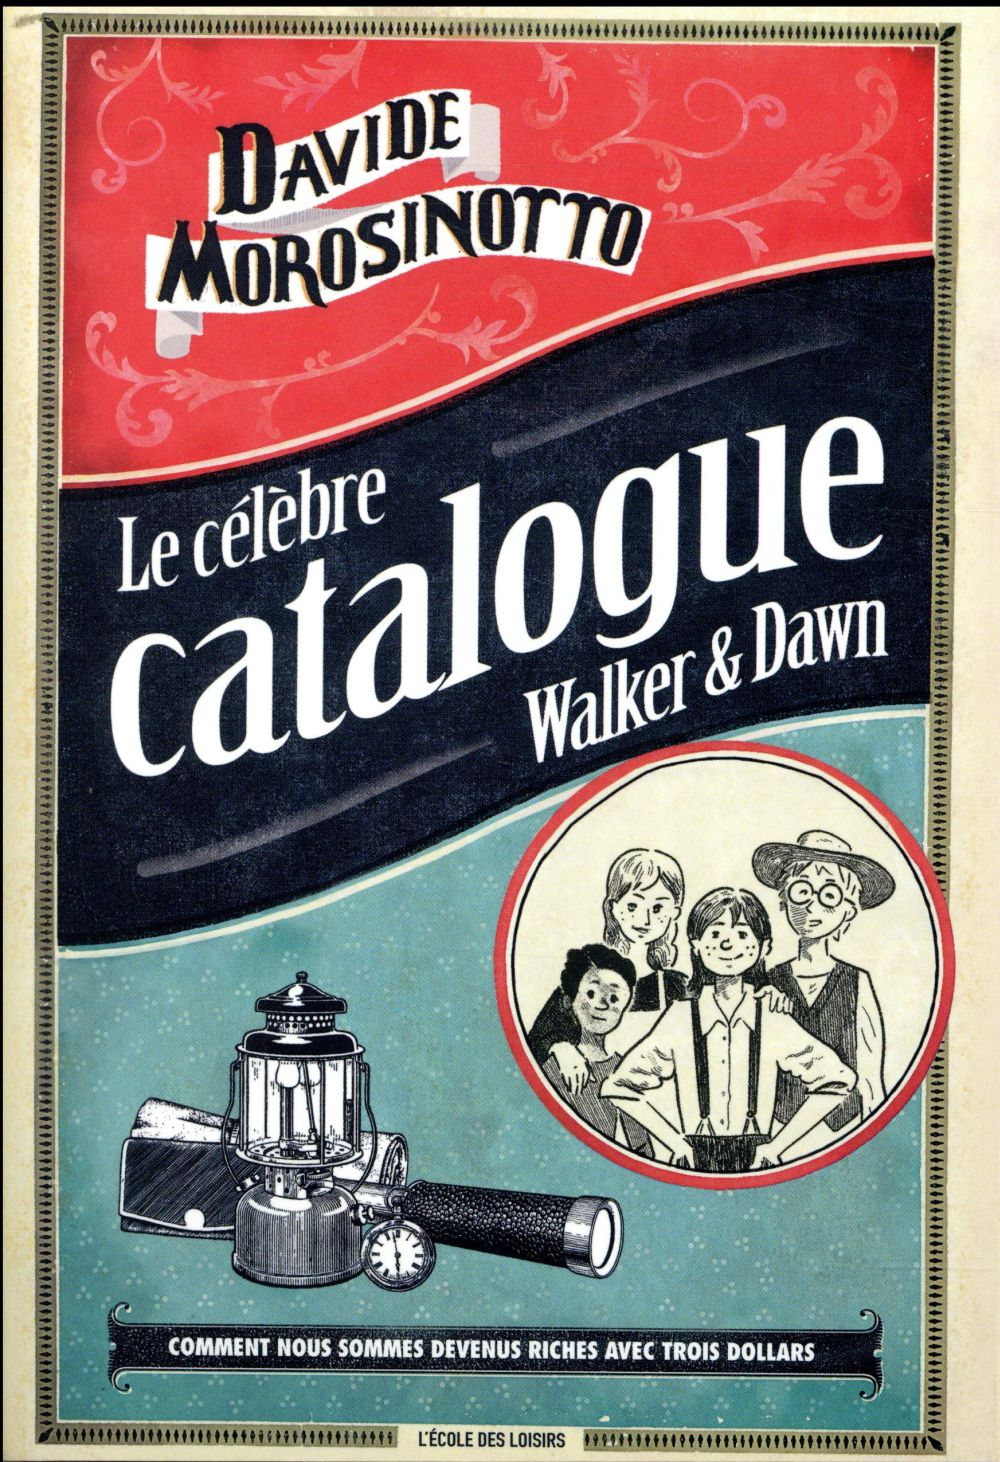 LE CELEBRE CATALOGUE DE WALKER ET DAWN